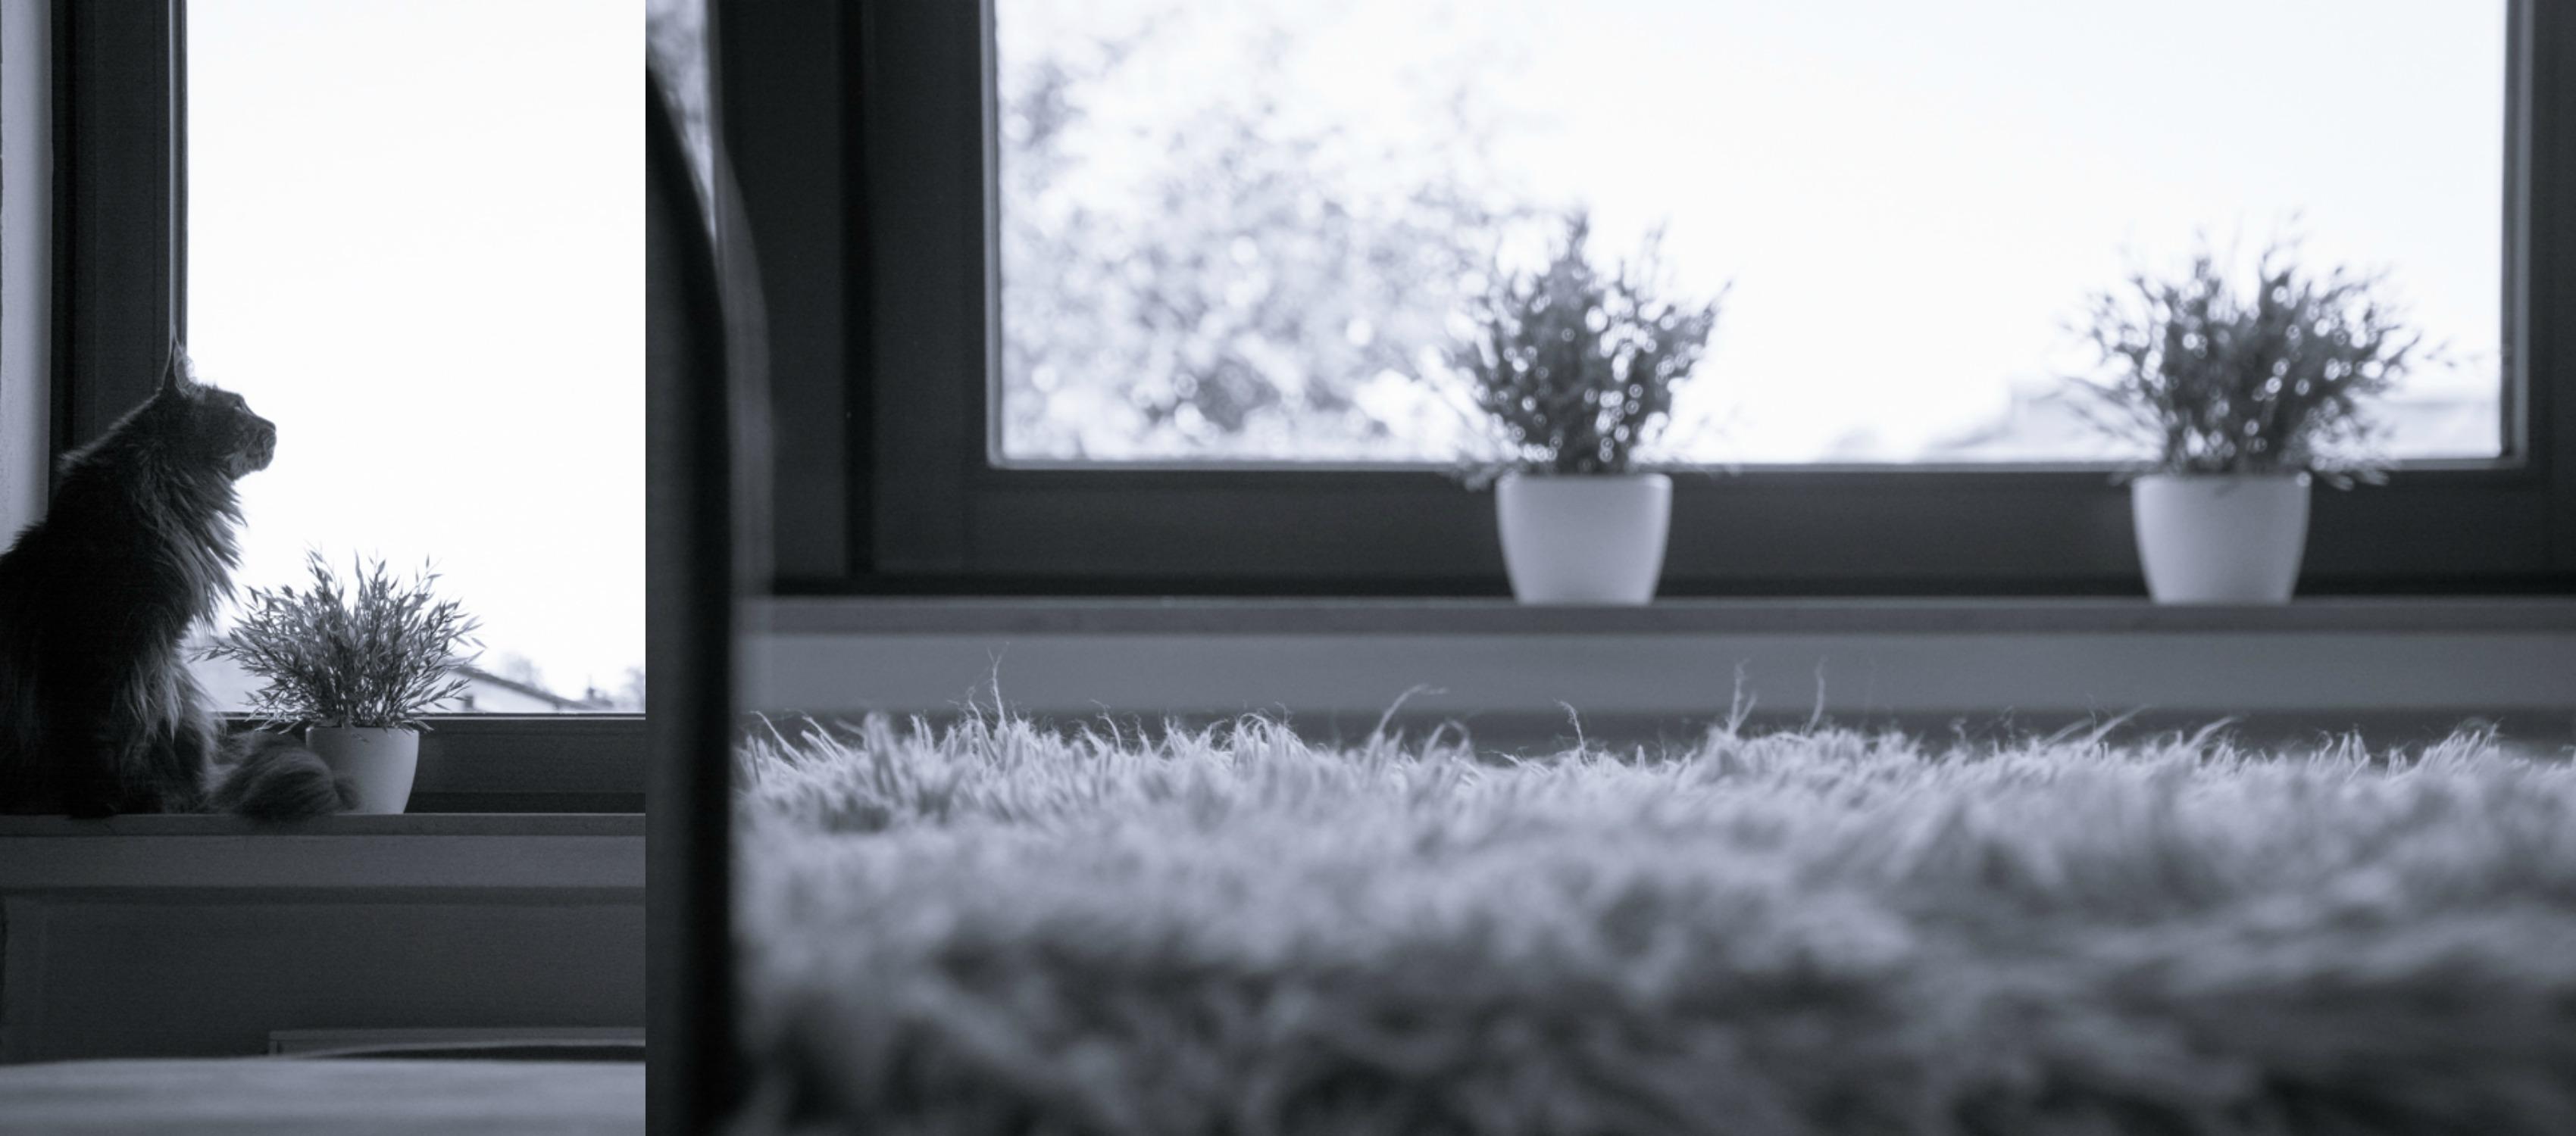 ebbie-und-floot_maine-coon_Katze_Fenster